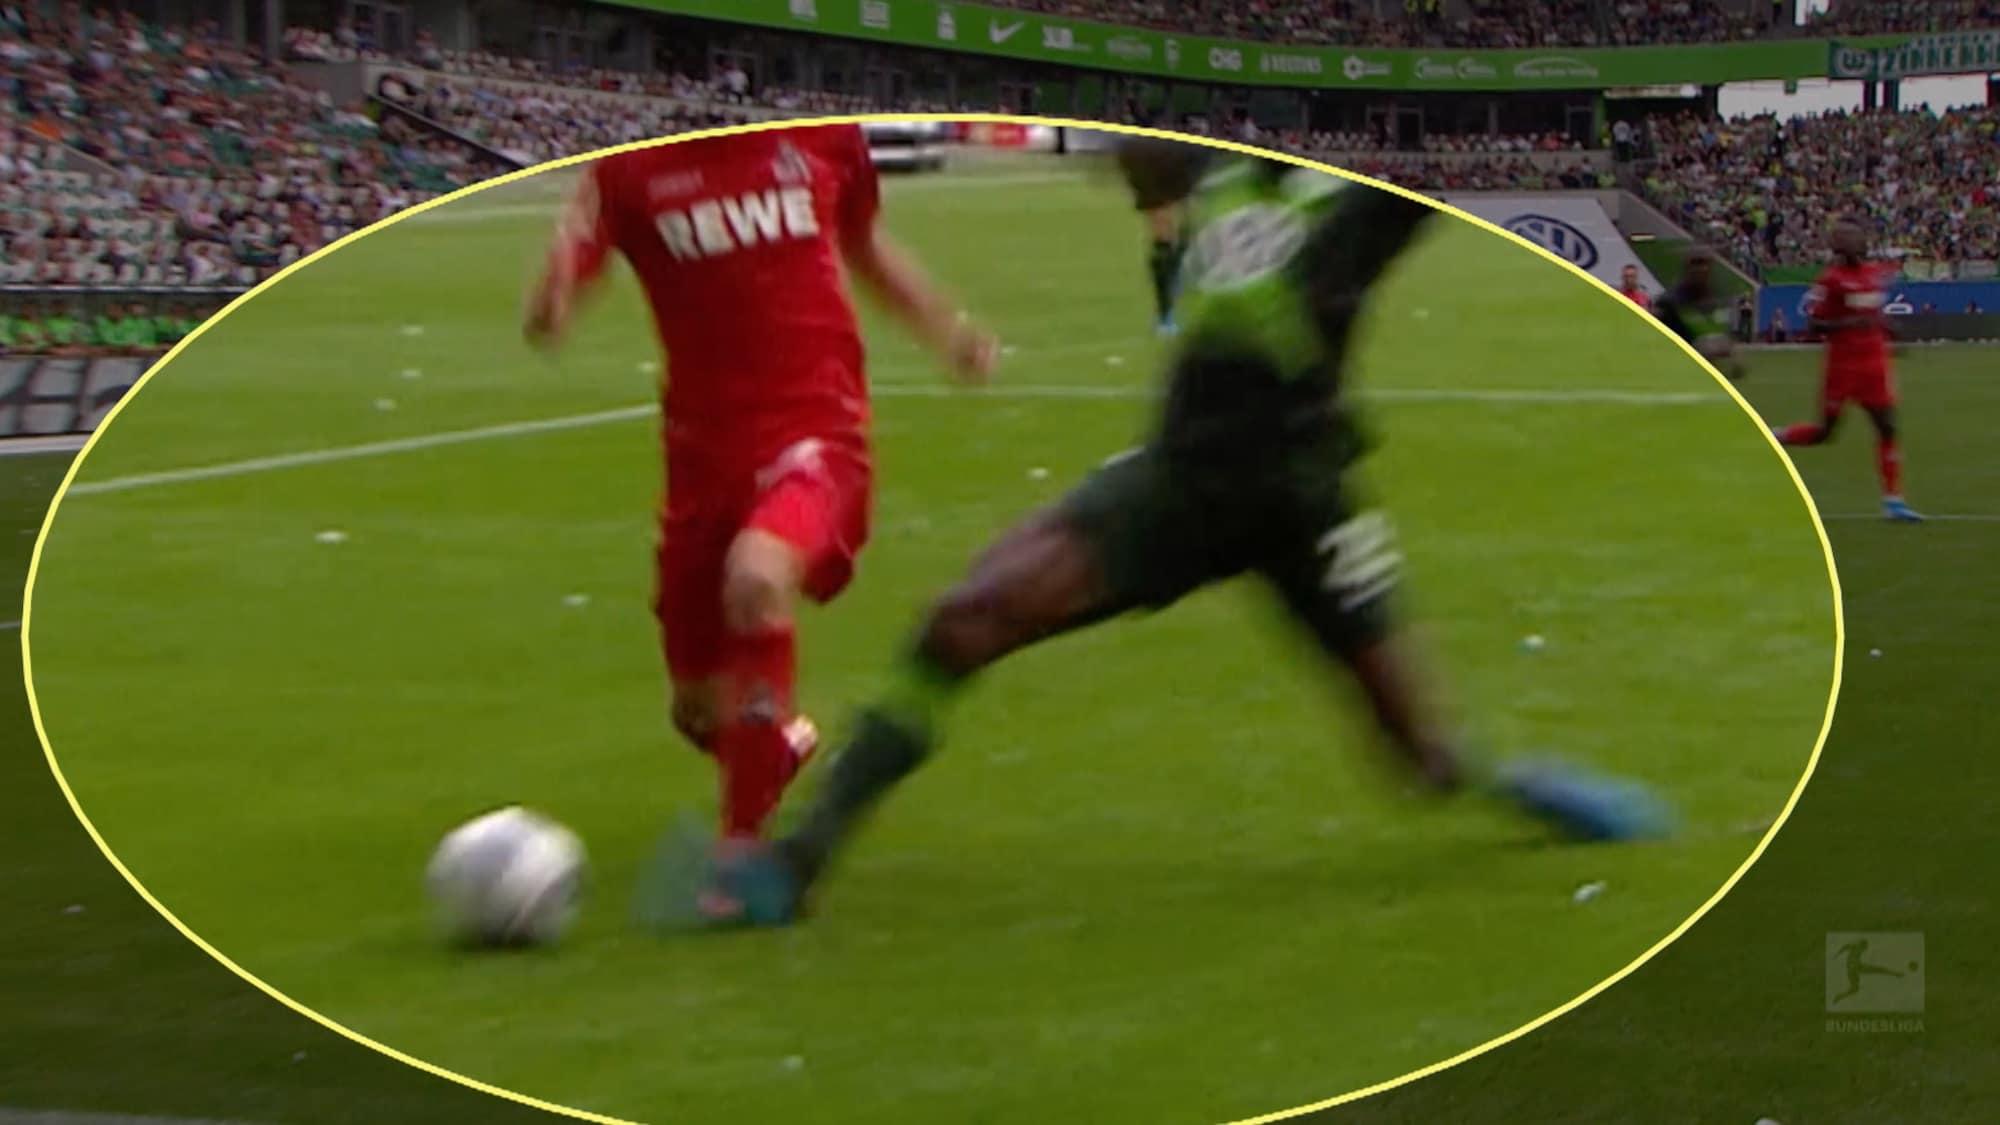 VAR schreitet nicht ein: Hier hätte Köln einen Penalty bekommen müssen